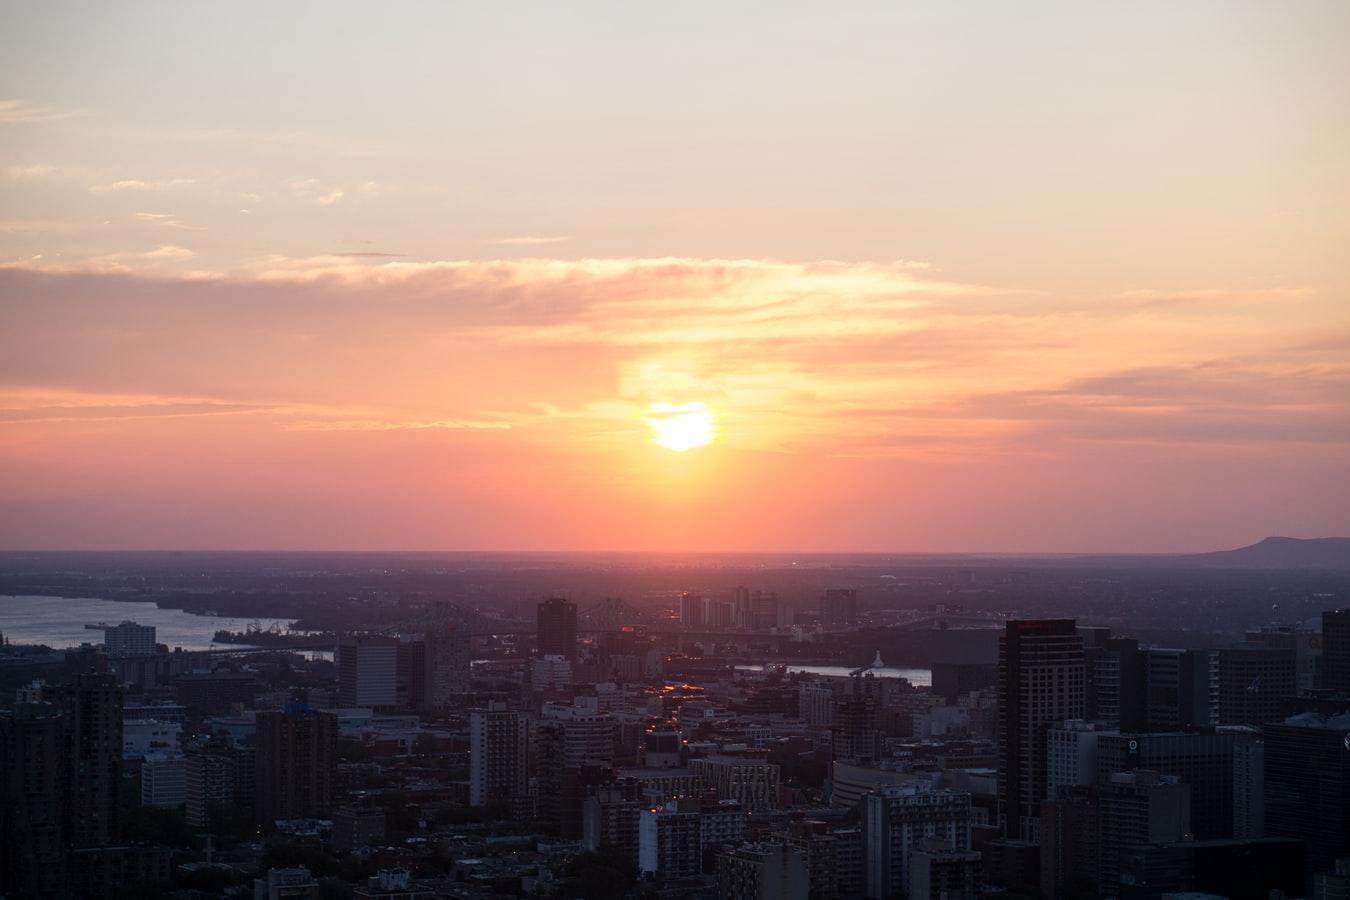 Des températures autour de 10°C dès la semaine prochaine pour certaines régions du Québec!